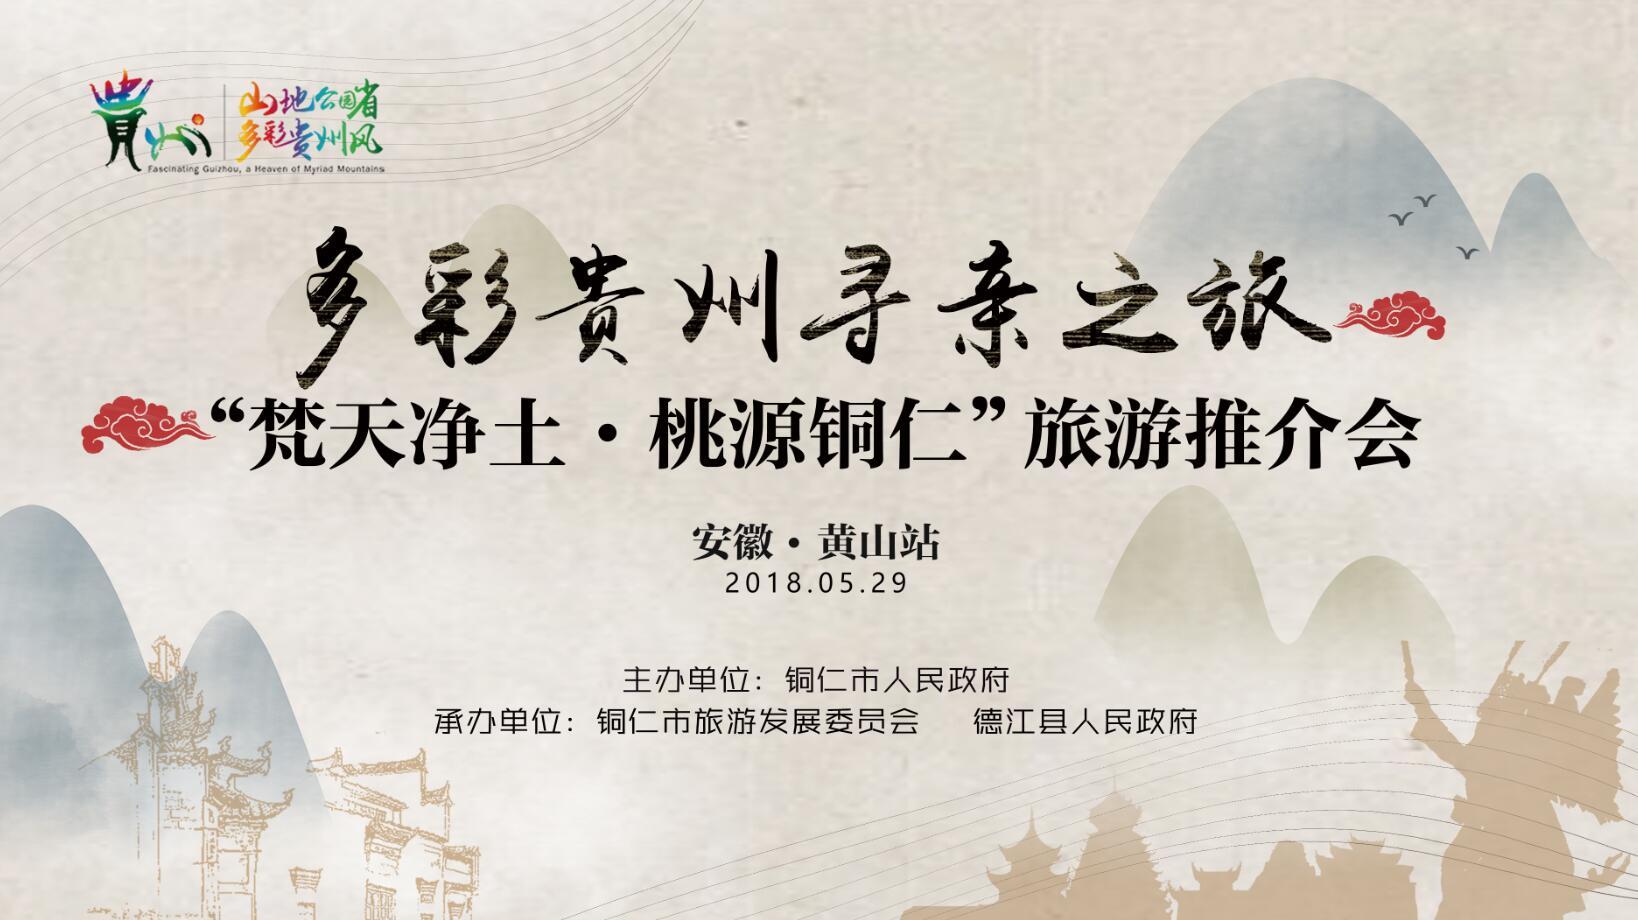 """持续45天,门票交通齐优惠,铜仁对黄山送出""""多彩贵州寻亲之旅""""大礼包"""